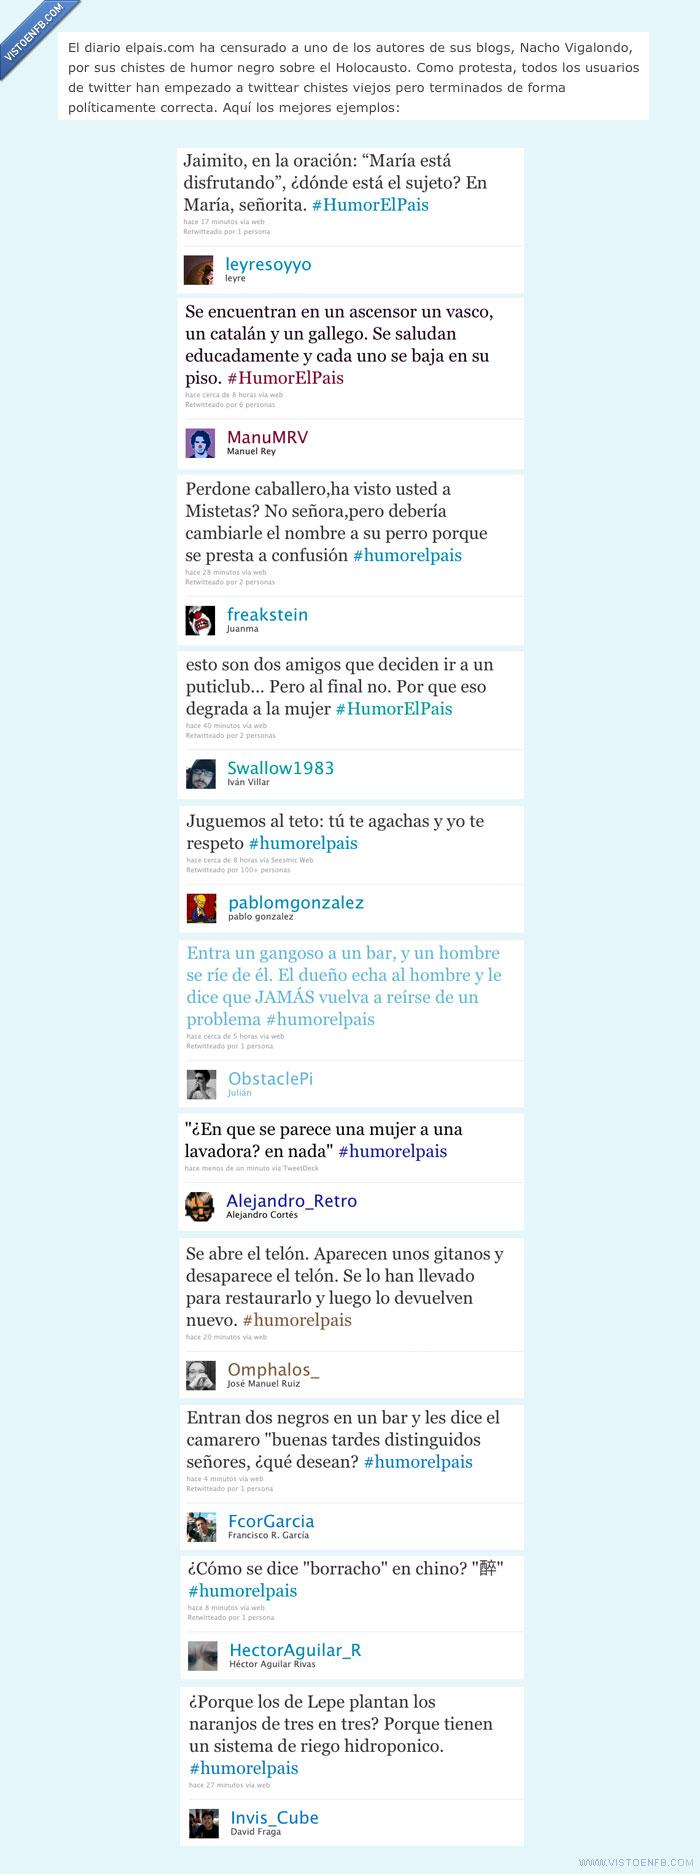 #humorelpais,chistes,humor negro,políticamente correcto,twitter